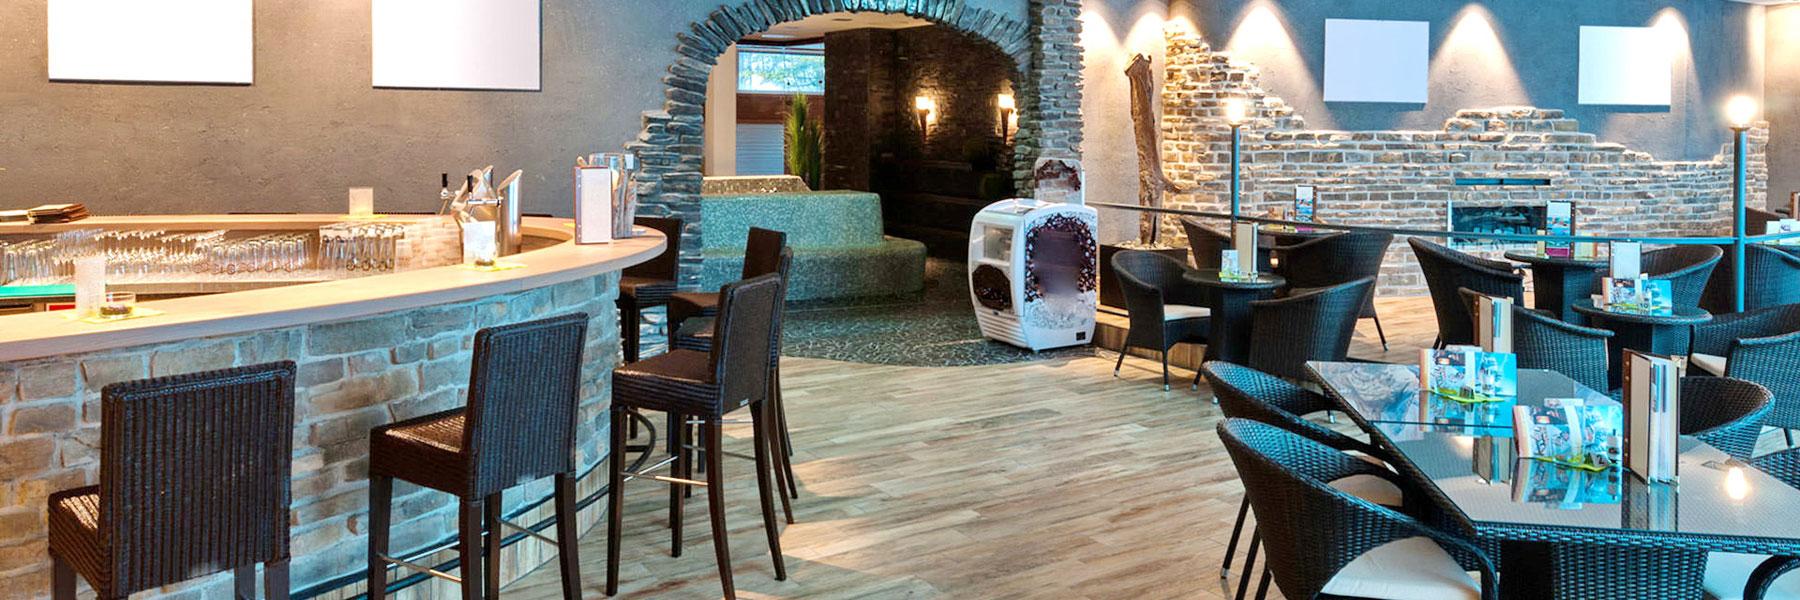 Frühstücksraum - Casilino Hotel A24 Wittenburg